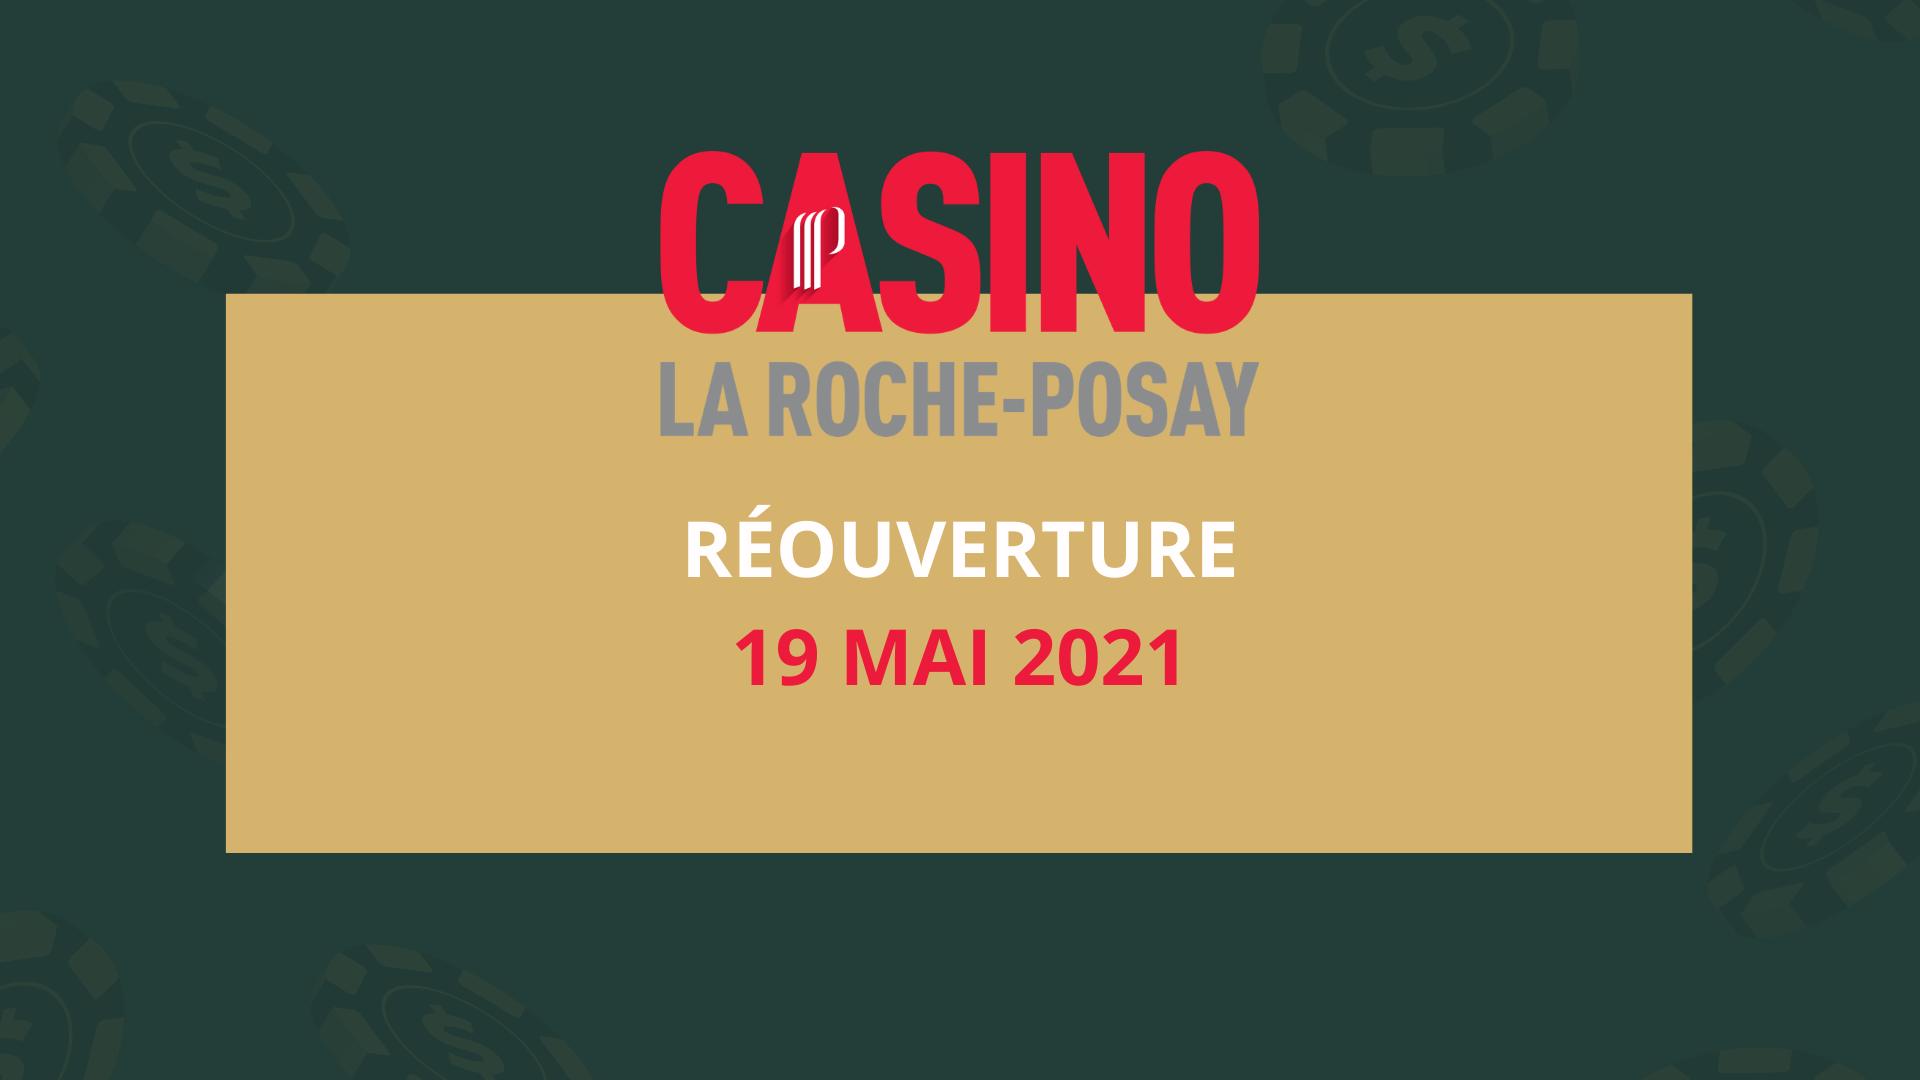 Réouverture Casino La Roche-Posay